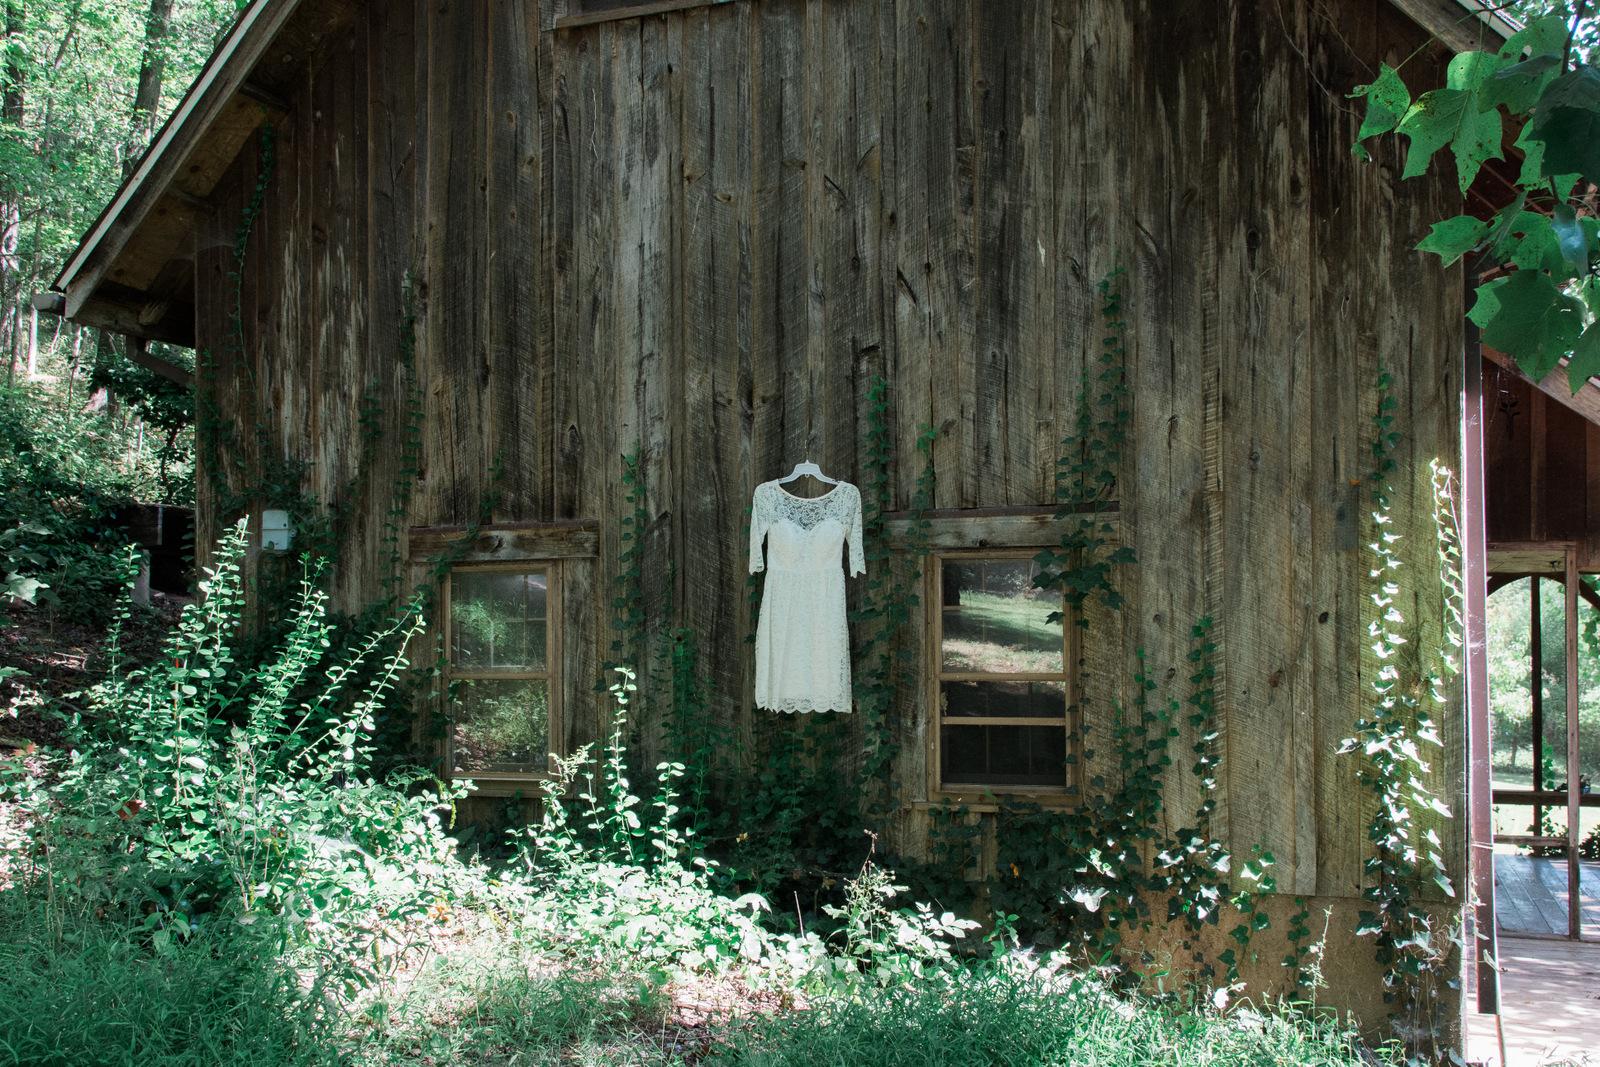 rustic berryville virginia wedding dress